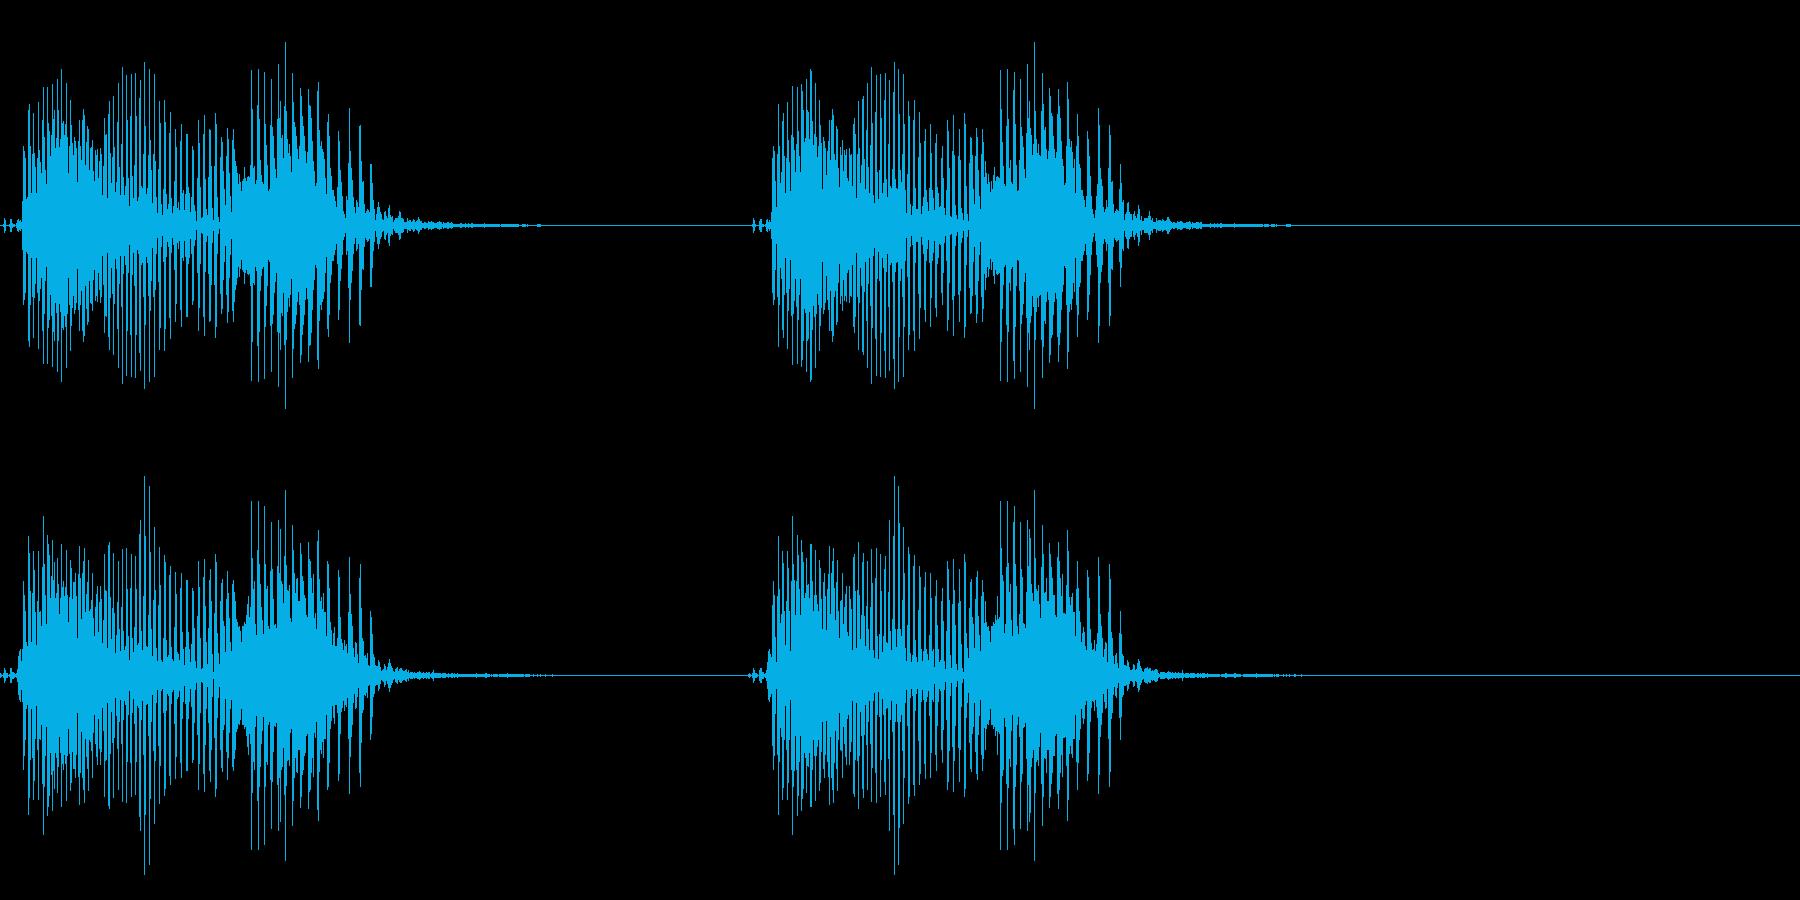 機械音声 警告!の再生済みの波形